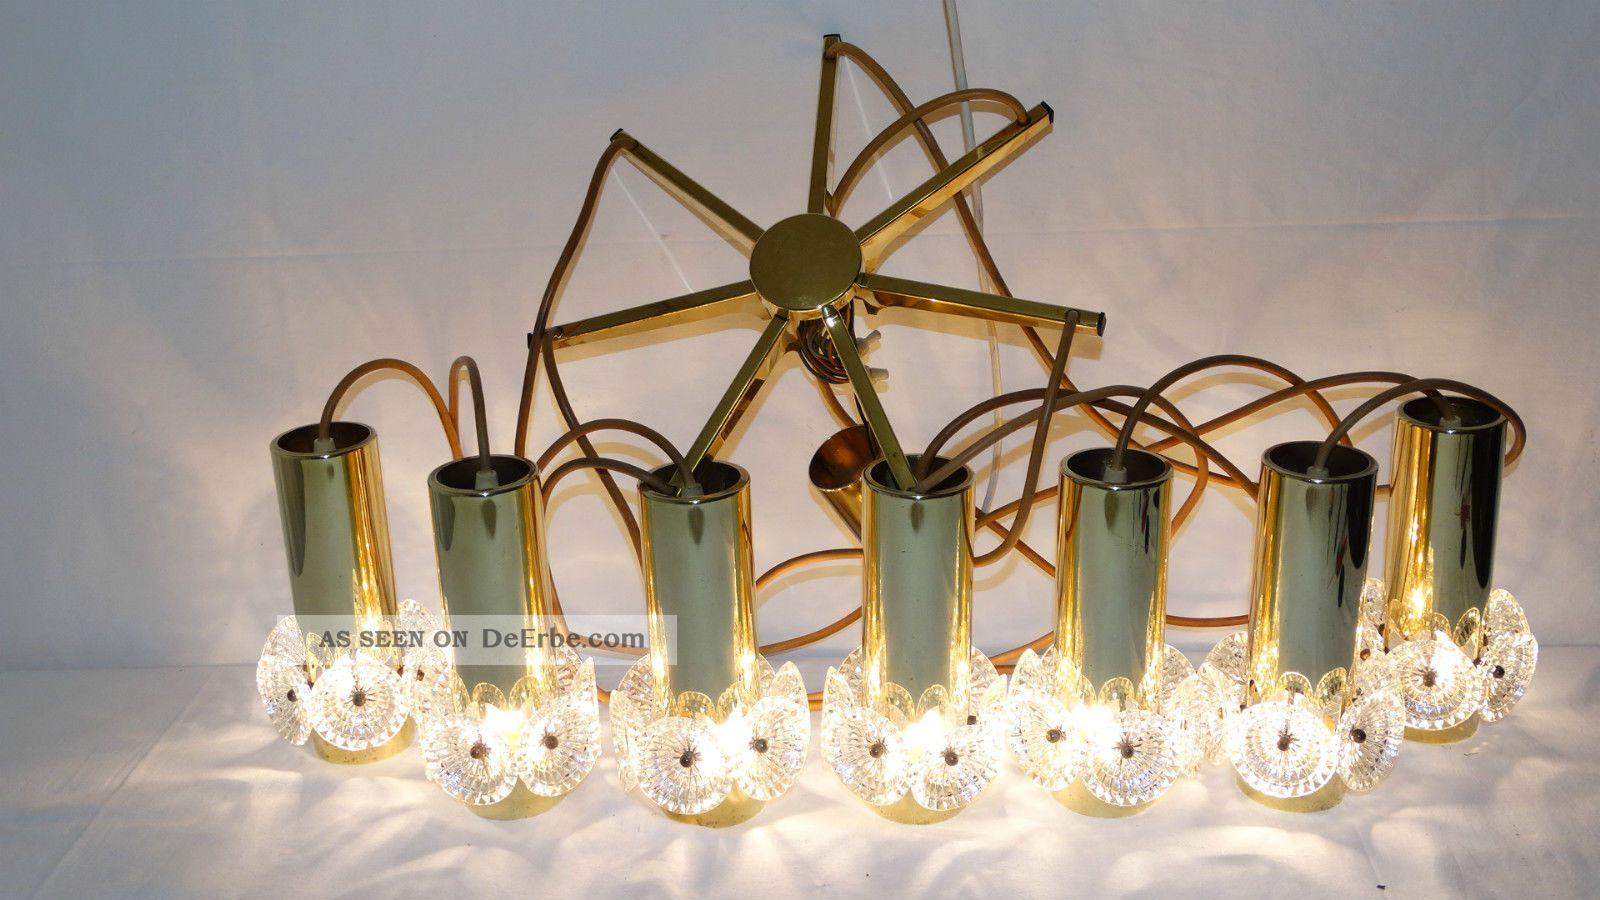 kaskadenlampe ddr deckenlampe pusteblume lampe stejnar. Black Bedroom Furniture Sets. Home Design Ideas